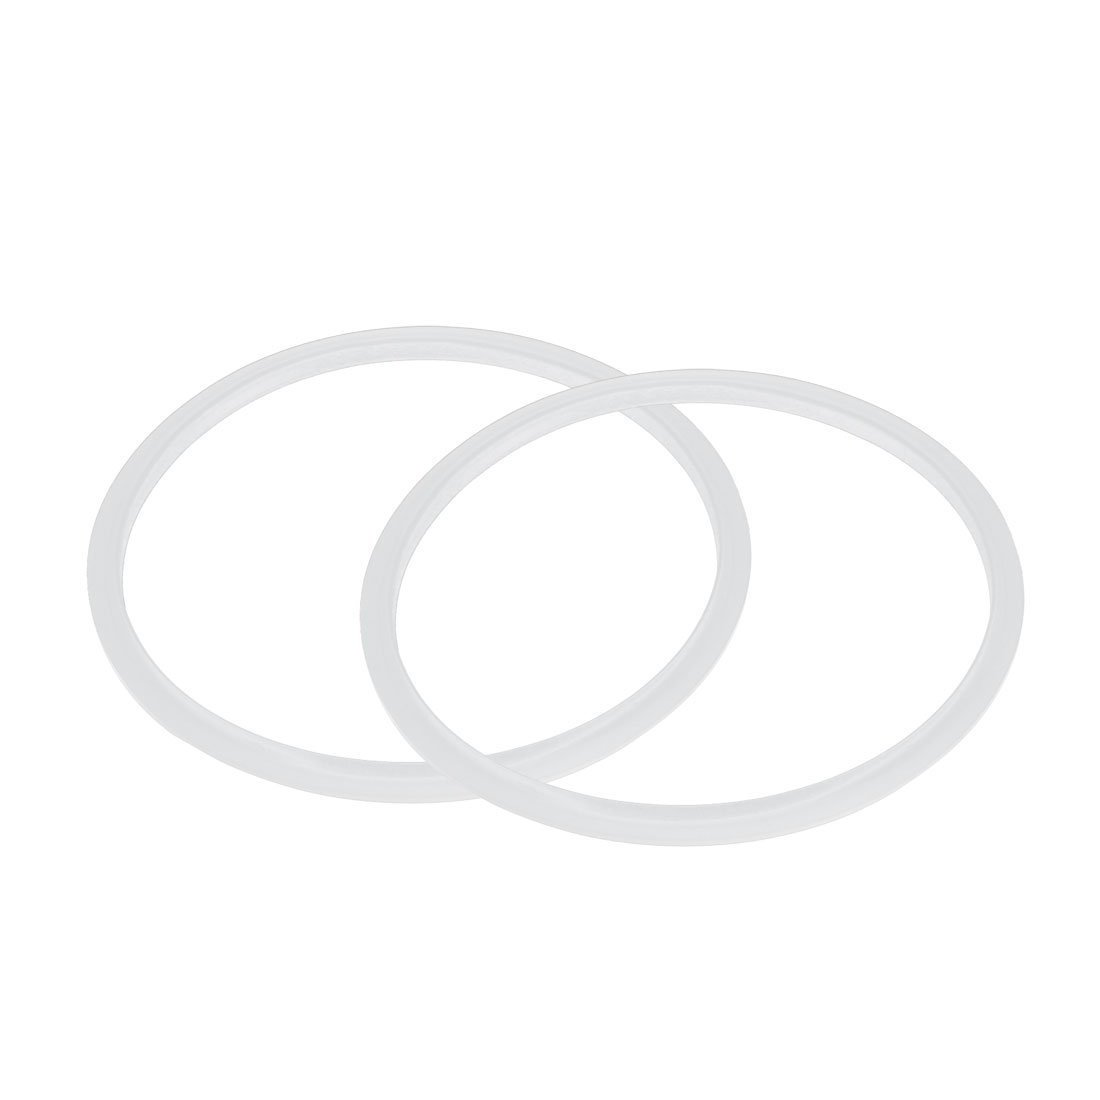 2 Stueck transparent RETYLY Silikon-Dichtung Dichtungsring Fuer Schnellkochtopf 22 cm Innendurchmesser